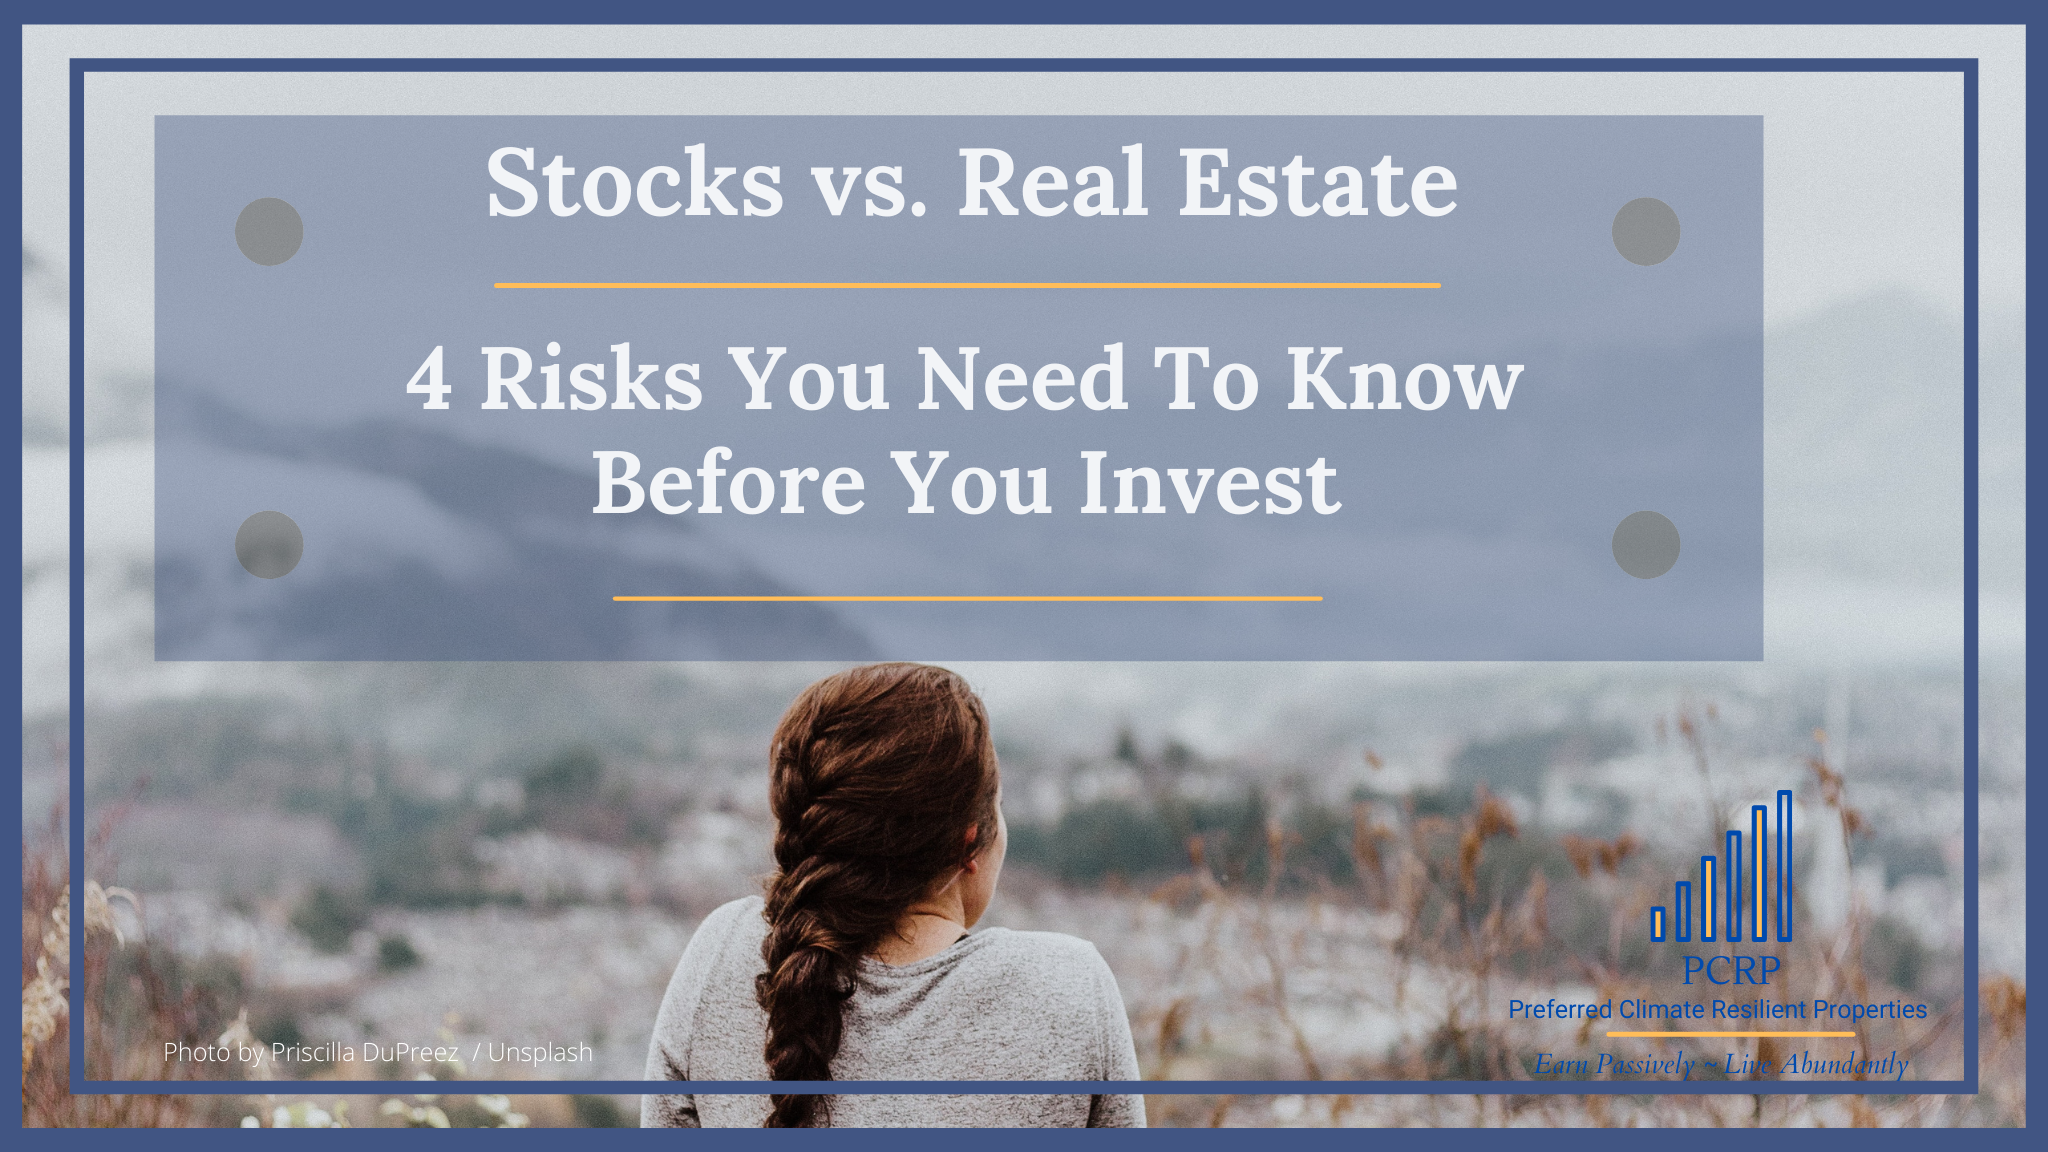 Stocks Vs Real Estate